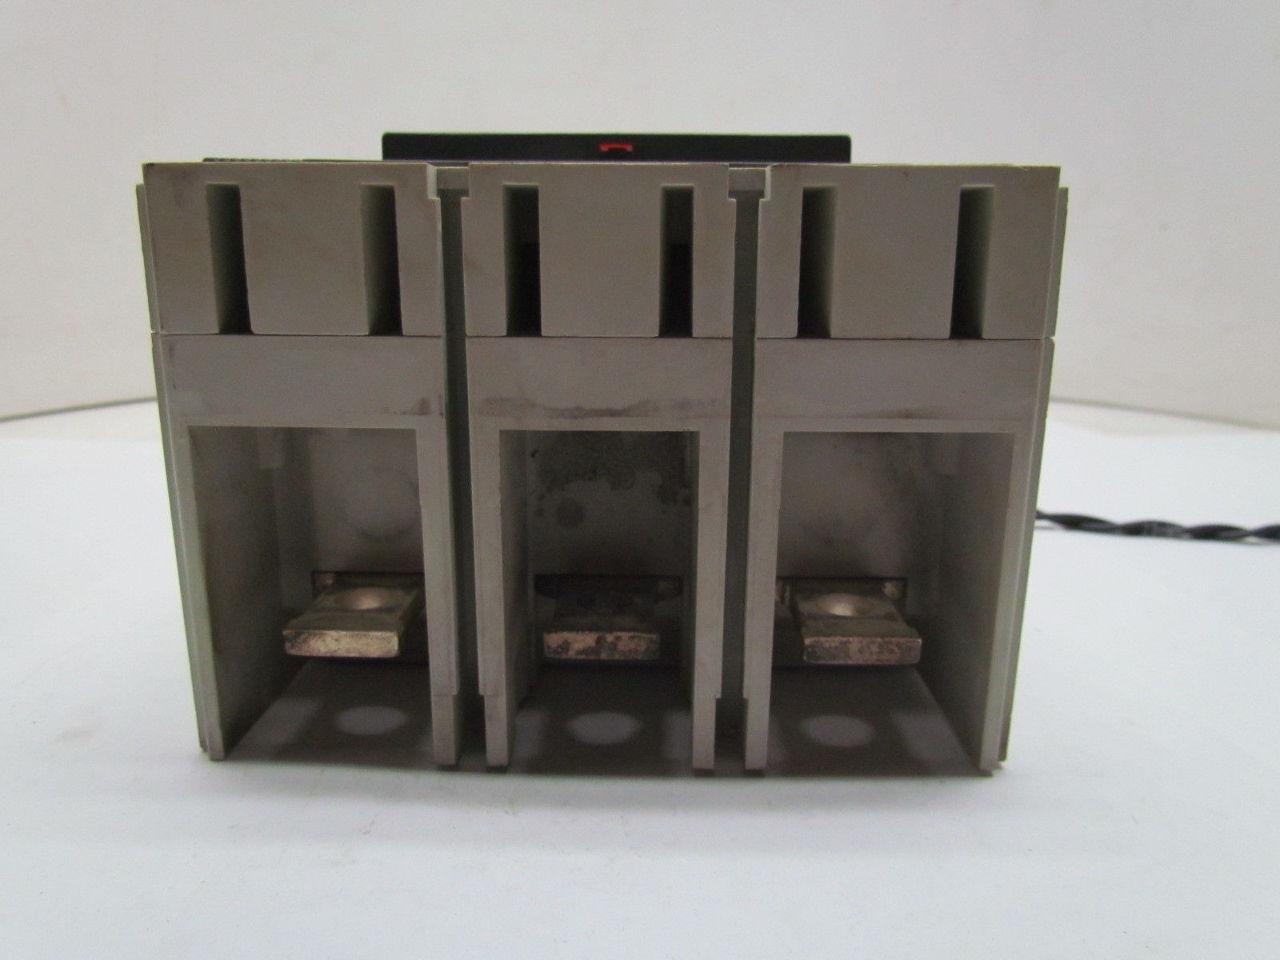 Abb S5n400mw 2pole 400a 600v S5 Circuit Breaker Broken